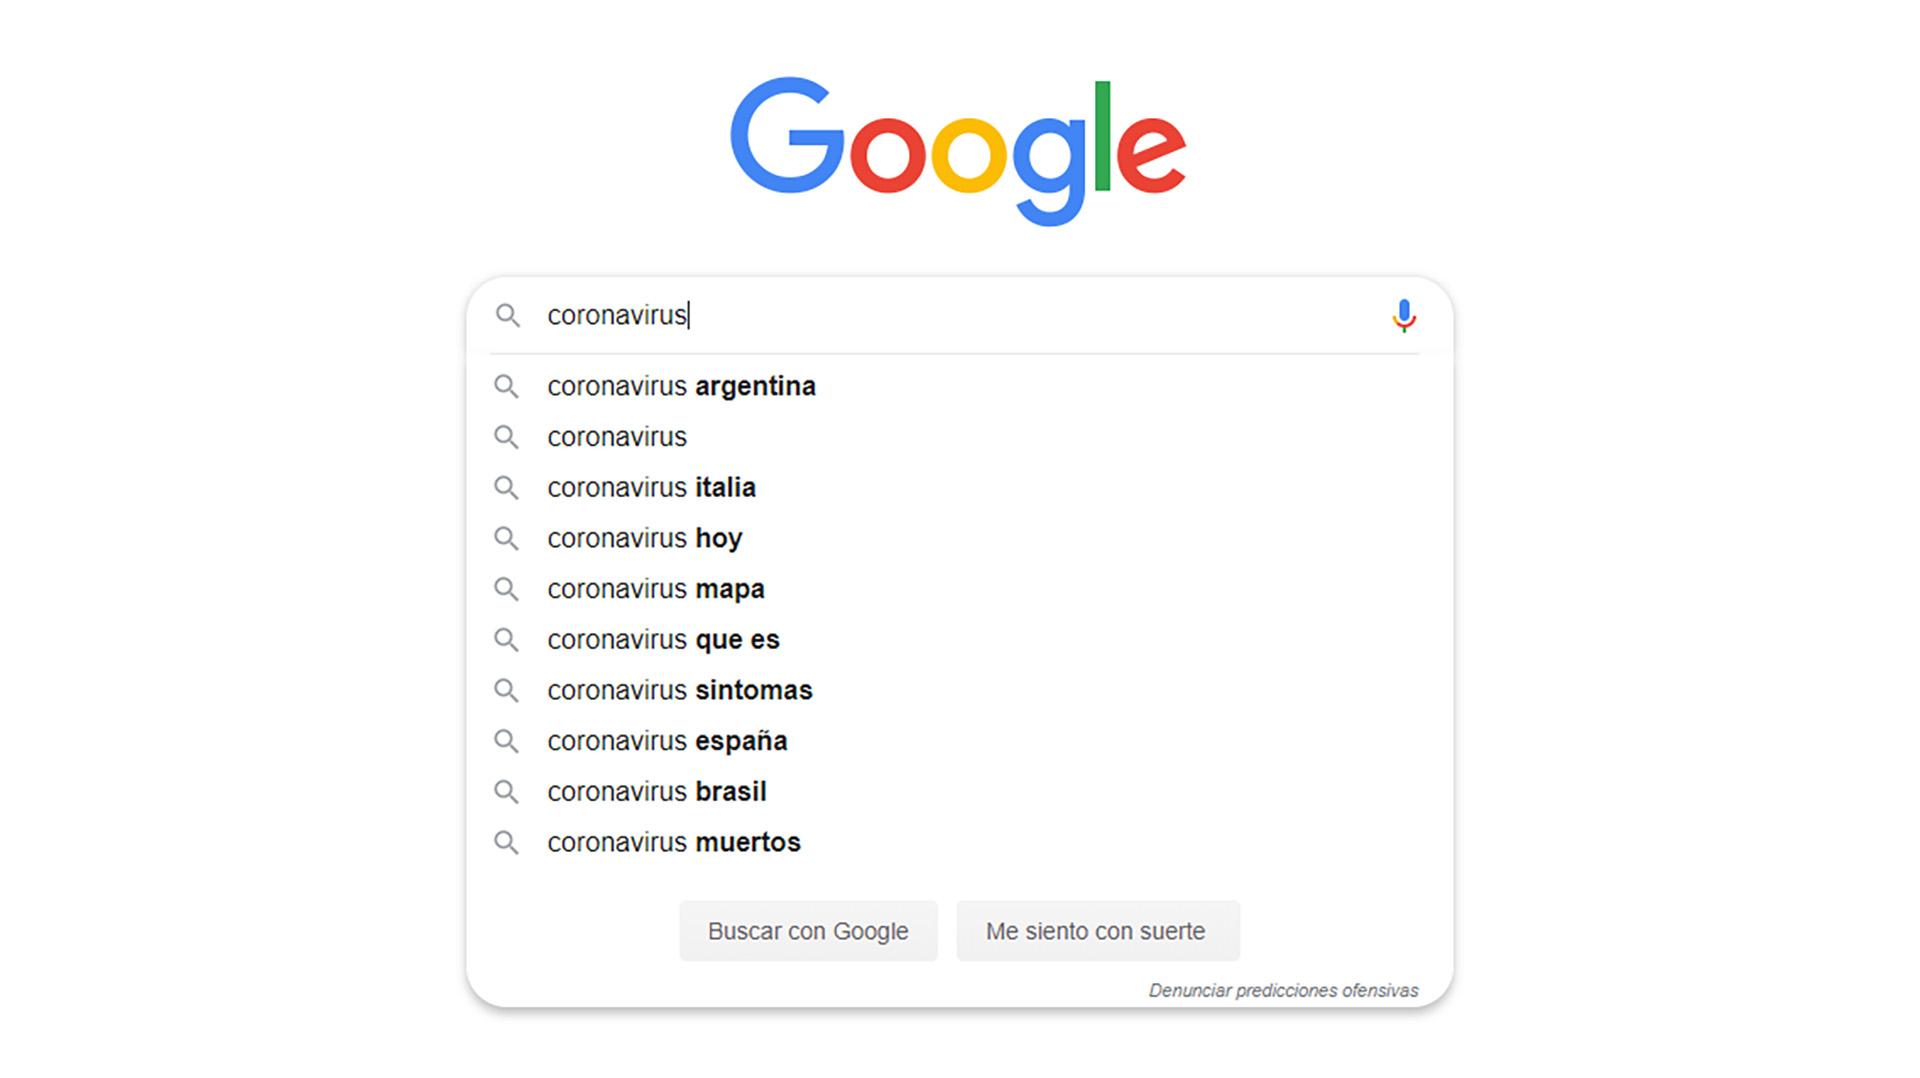 Qué es lo más buscado en Internet sobre el coronavirus - Infobae